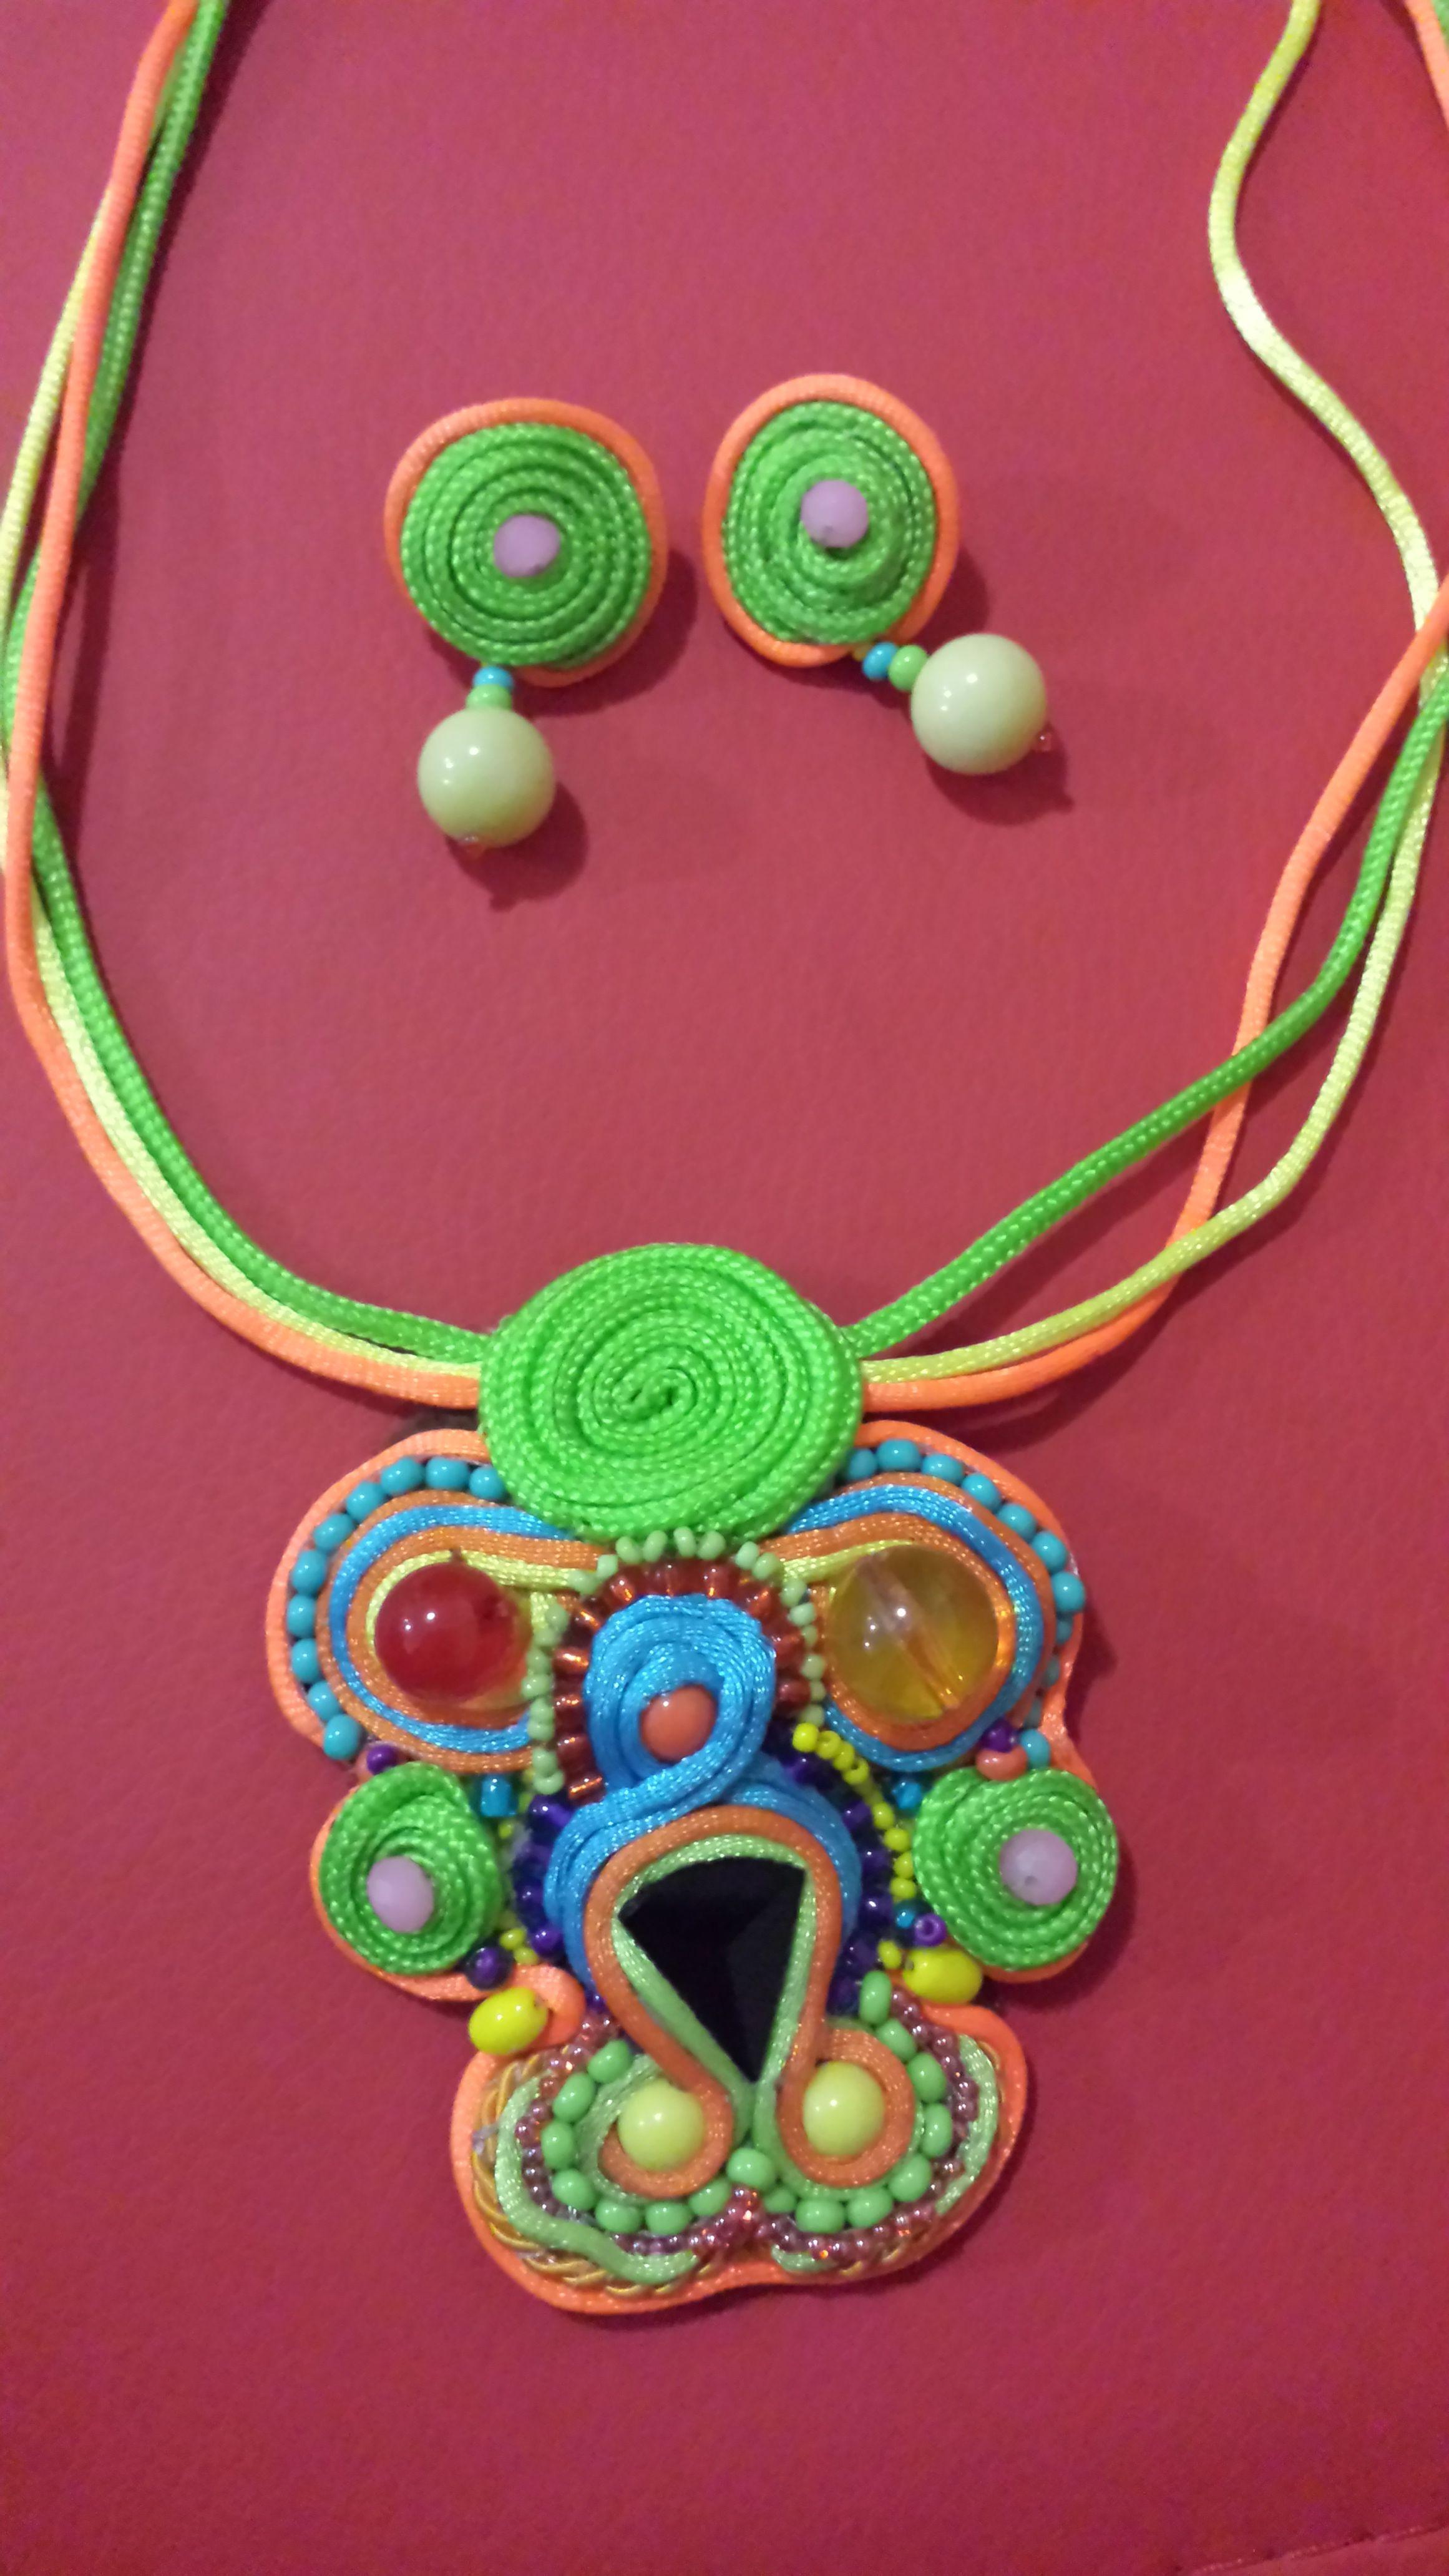 35e08e6f2143 collar con aretes en colores neon